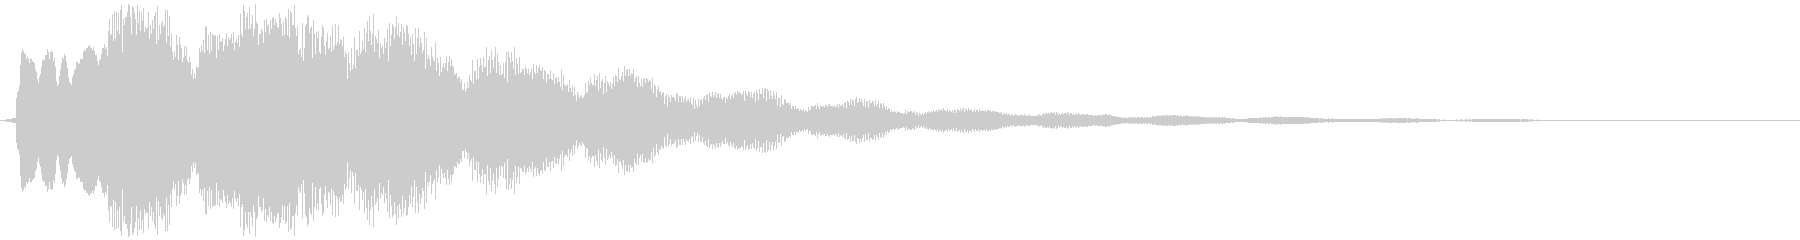 ティントンタンー(ベル)の未再生の波形